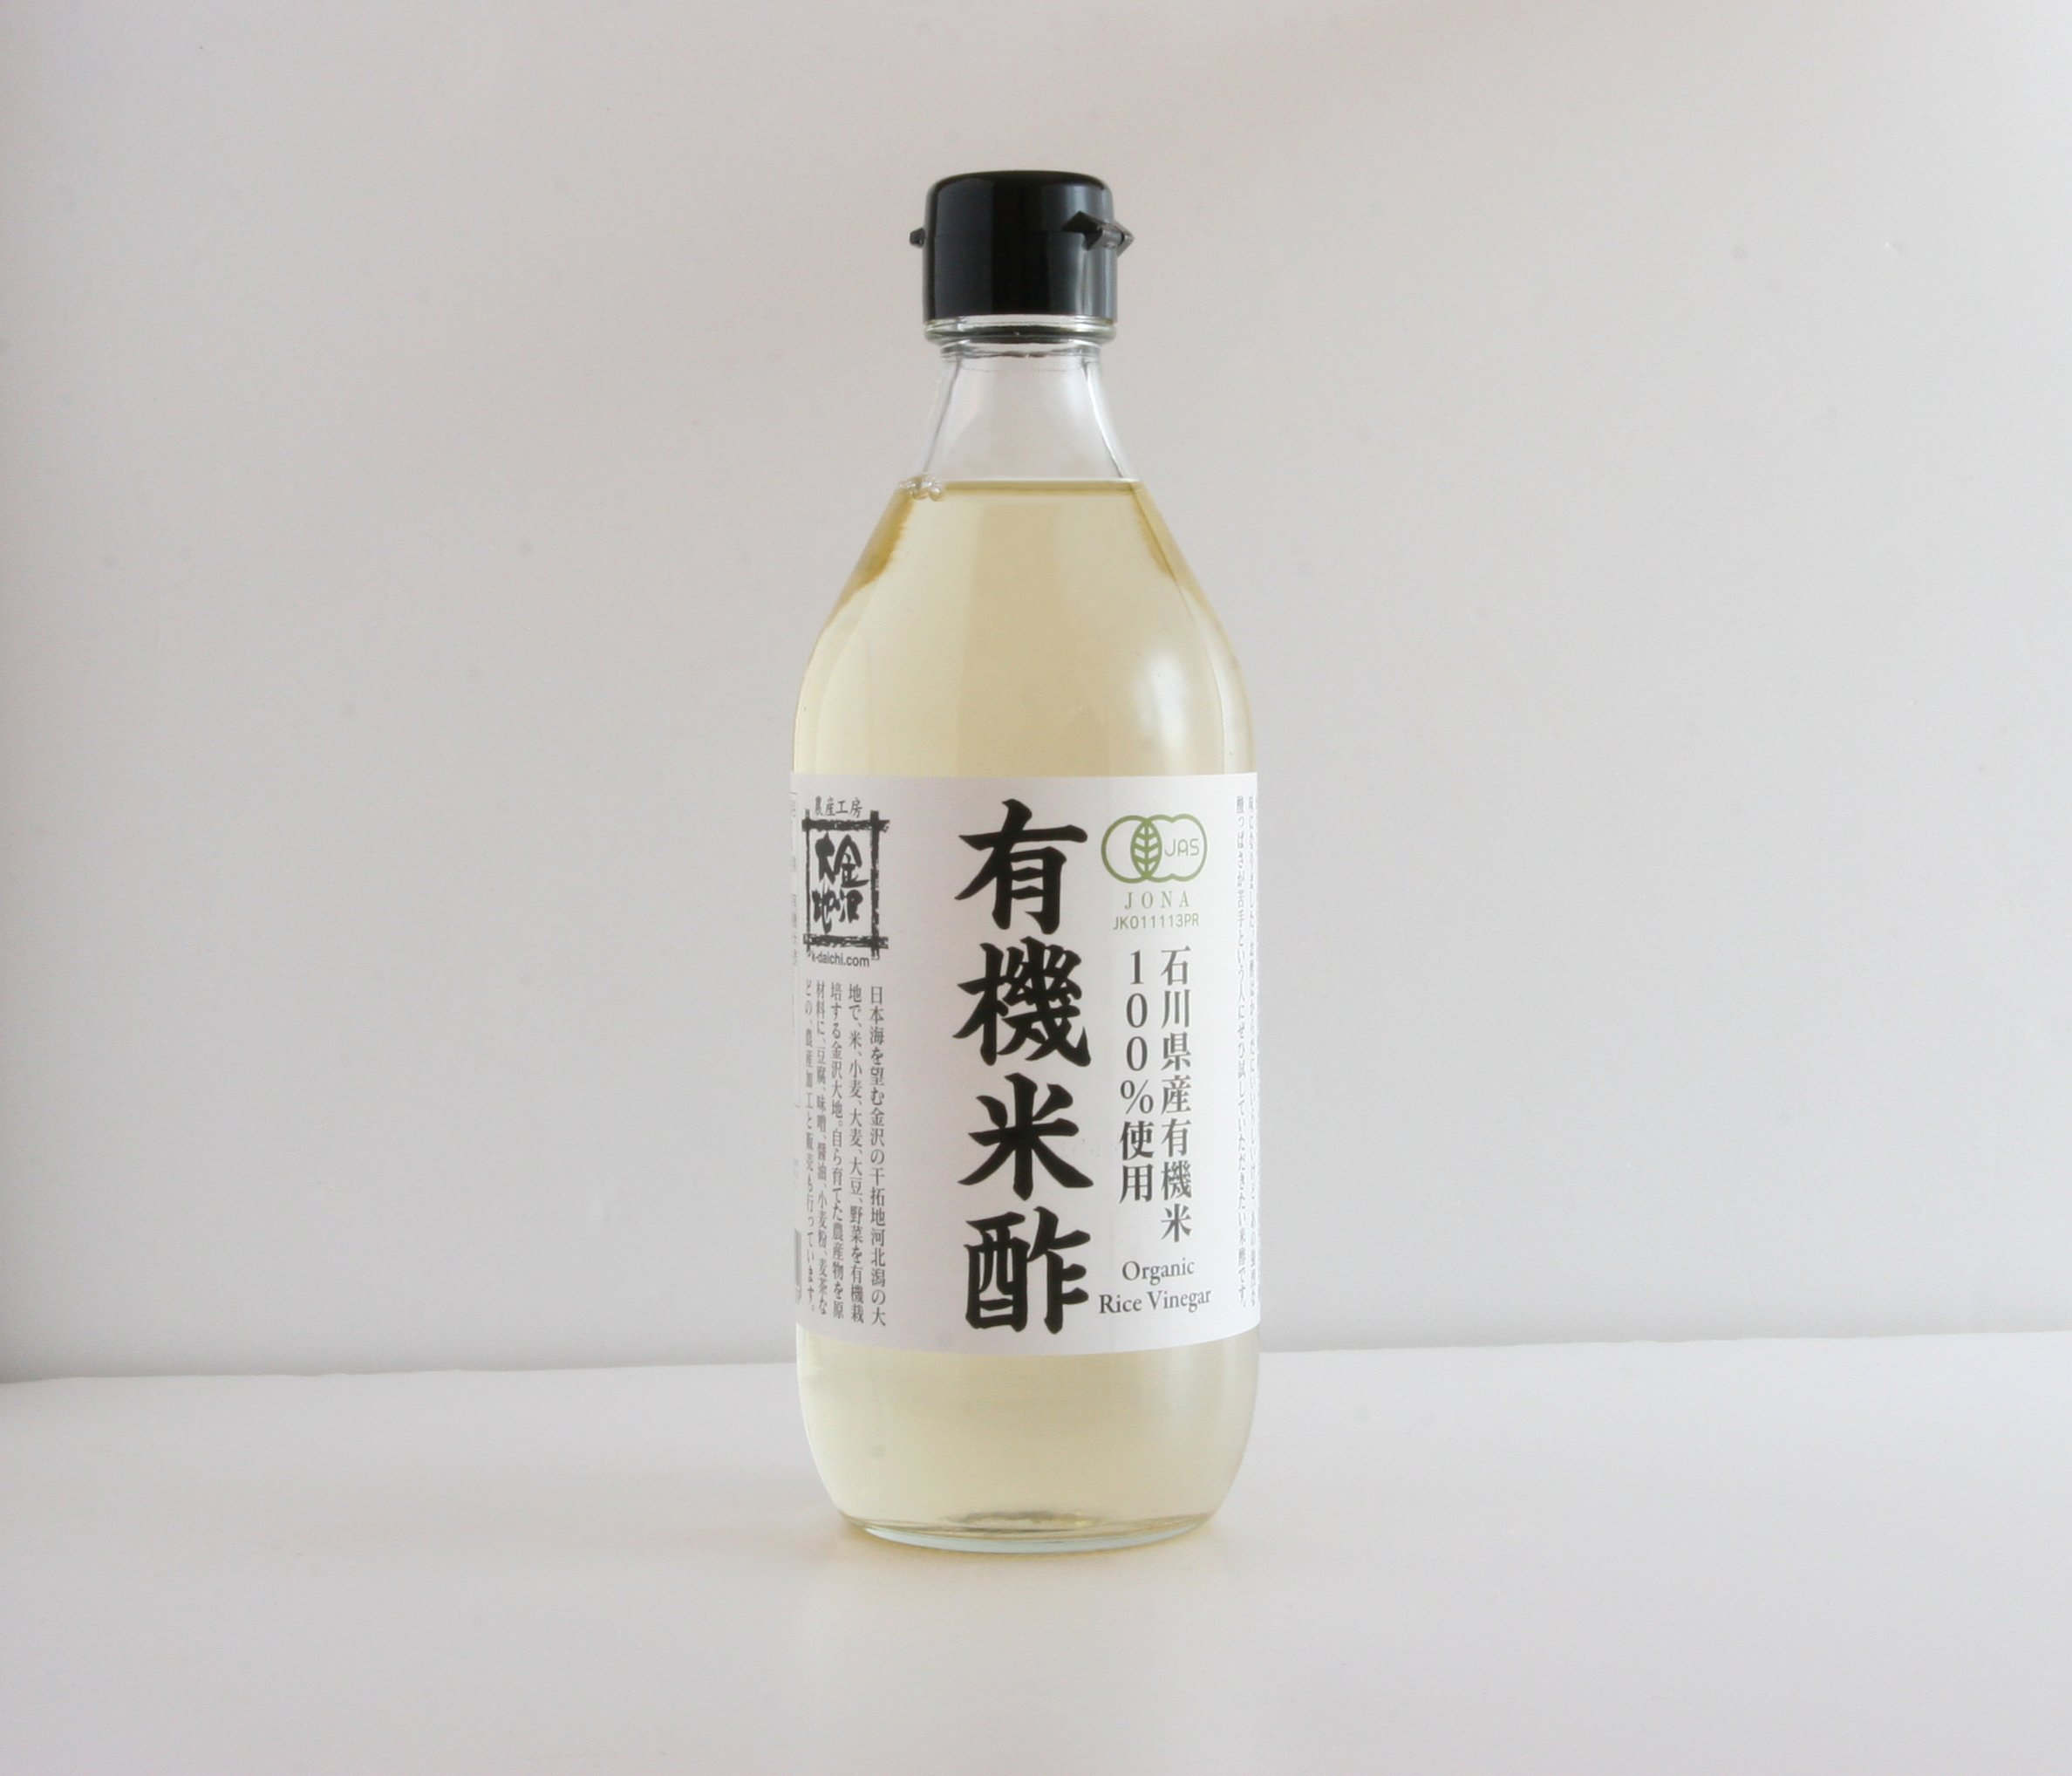 Kanazawa earth organic rice vinegar 500ml by Kanazawa earth